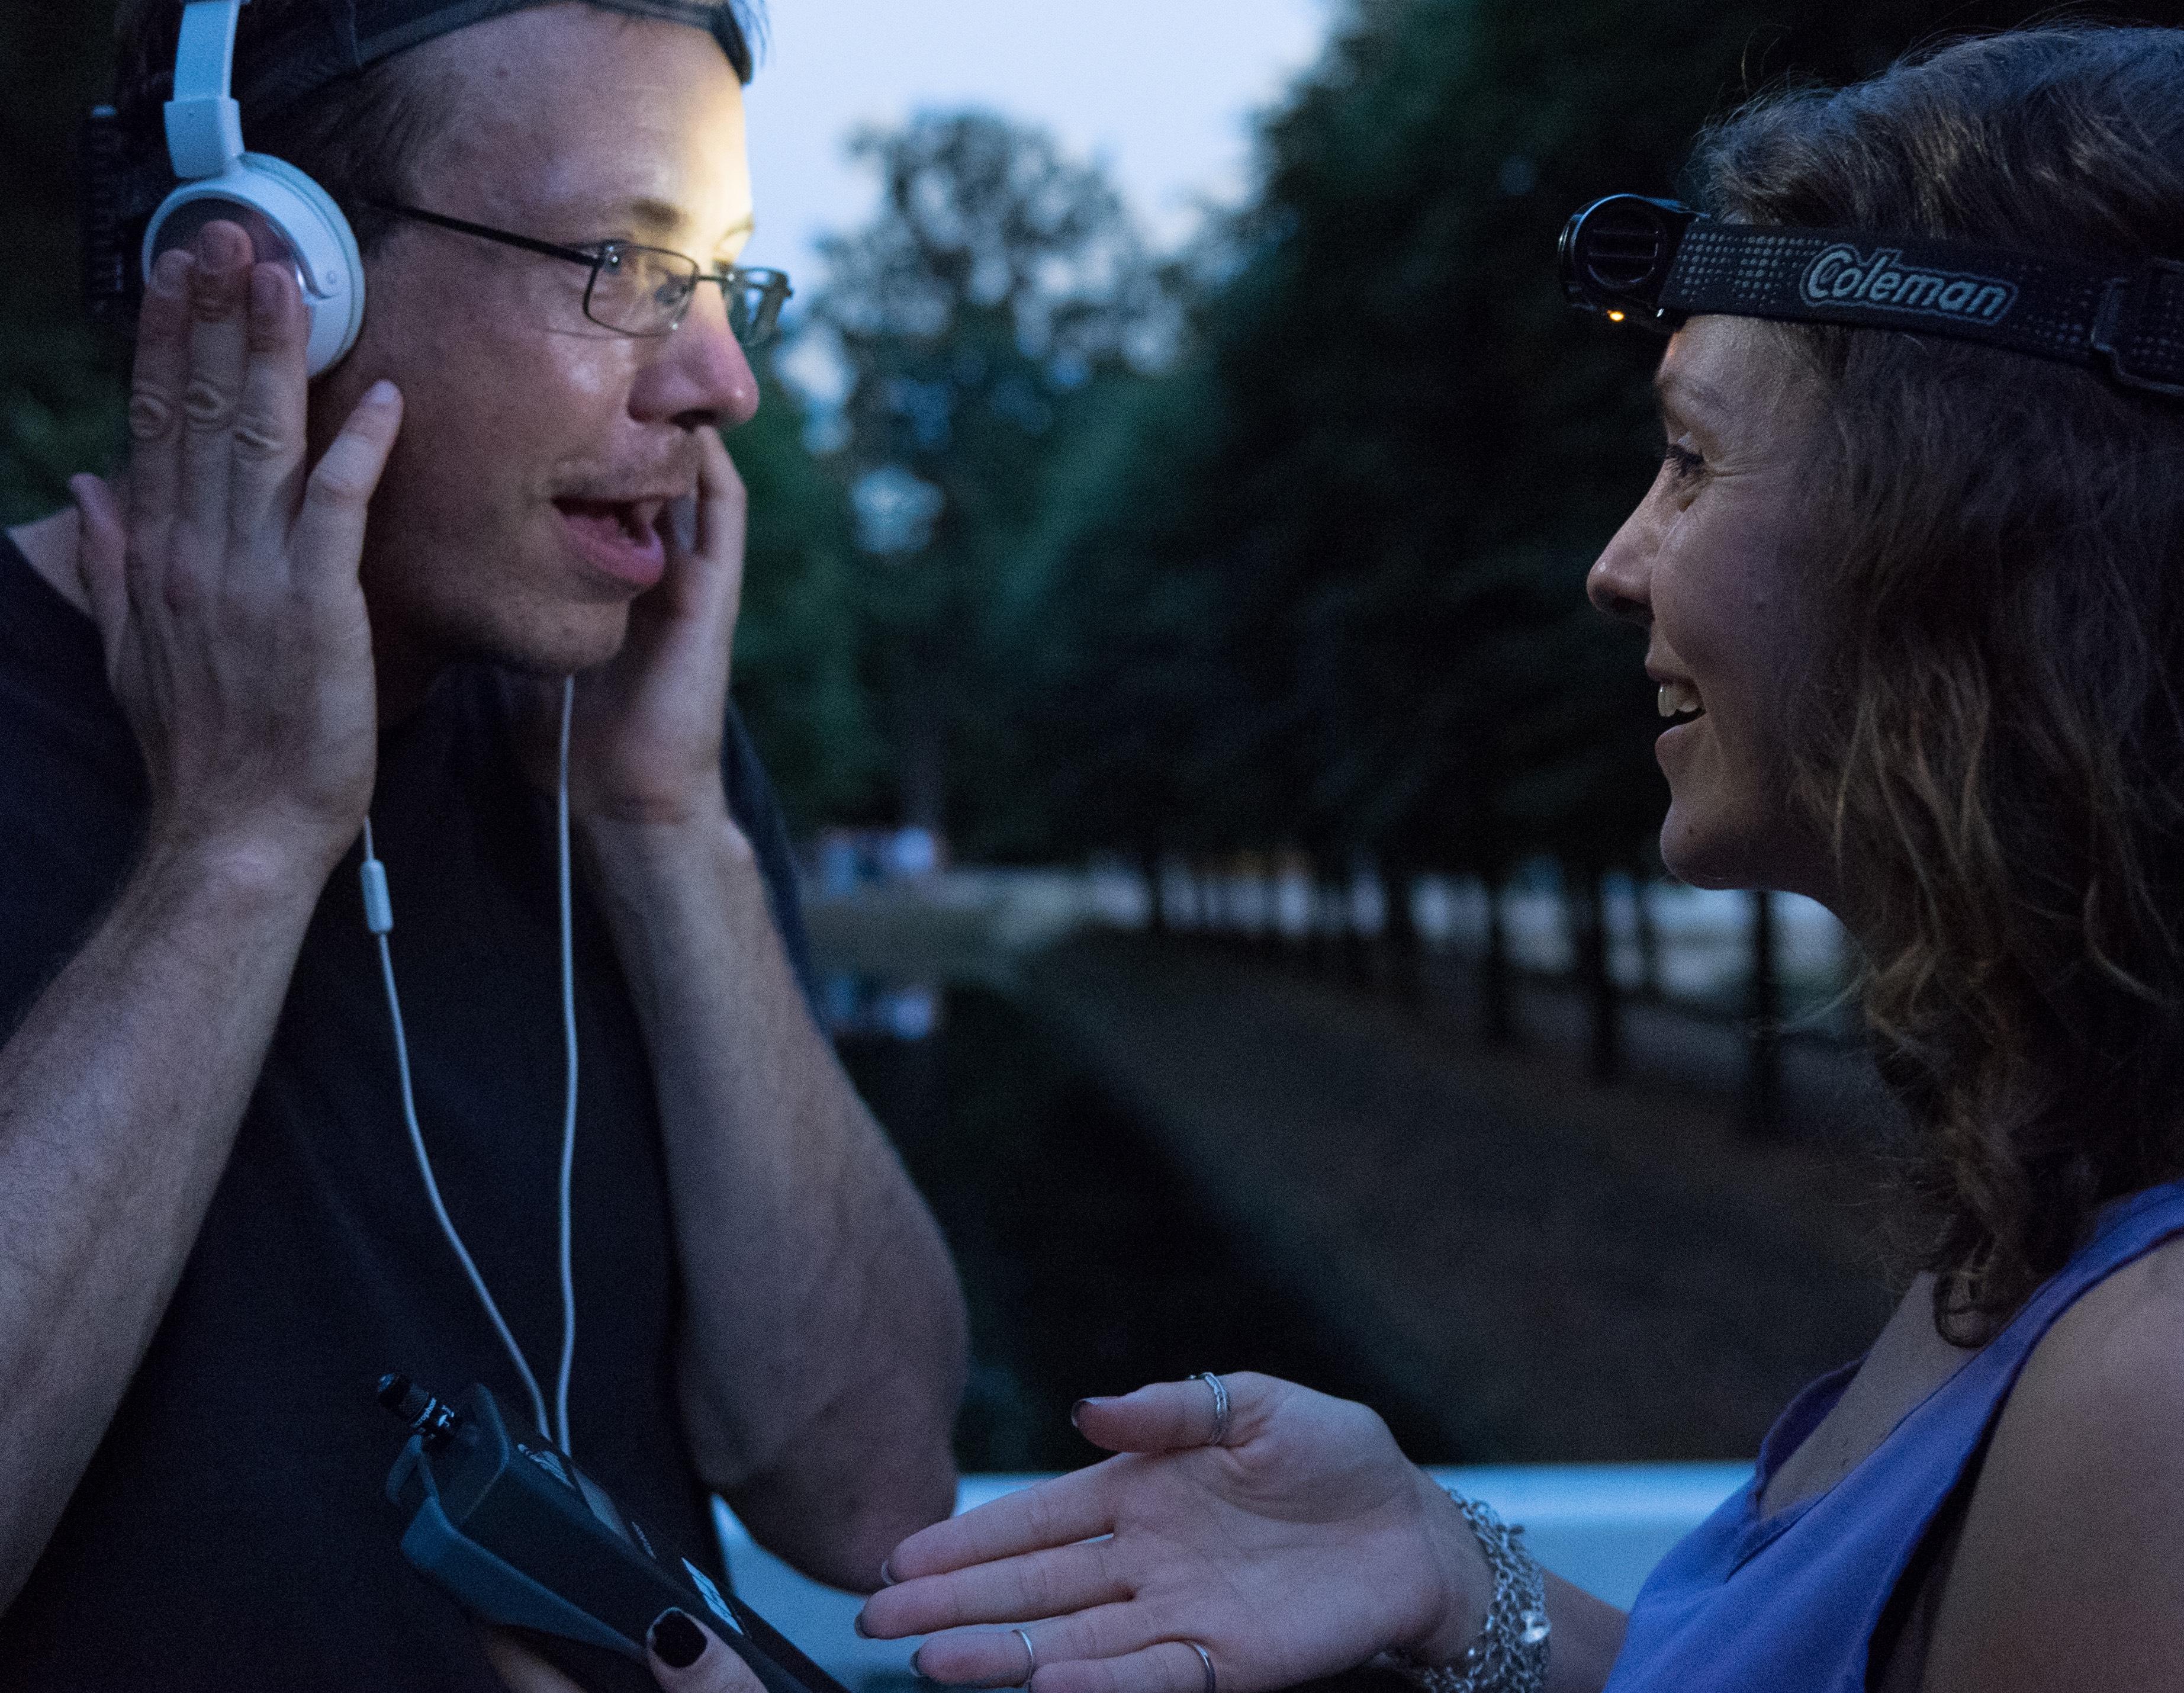 Foto von zwei Personen mit Kopfhörer